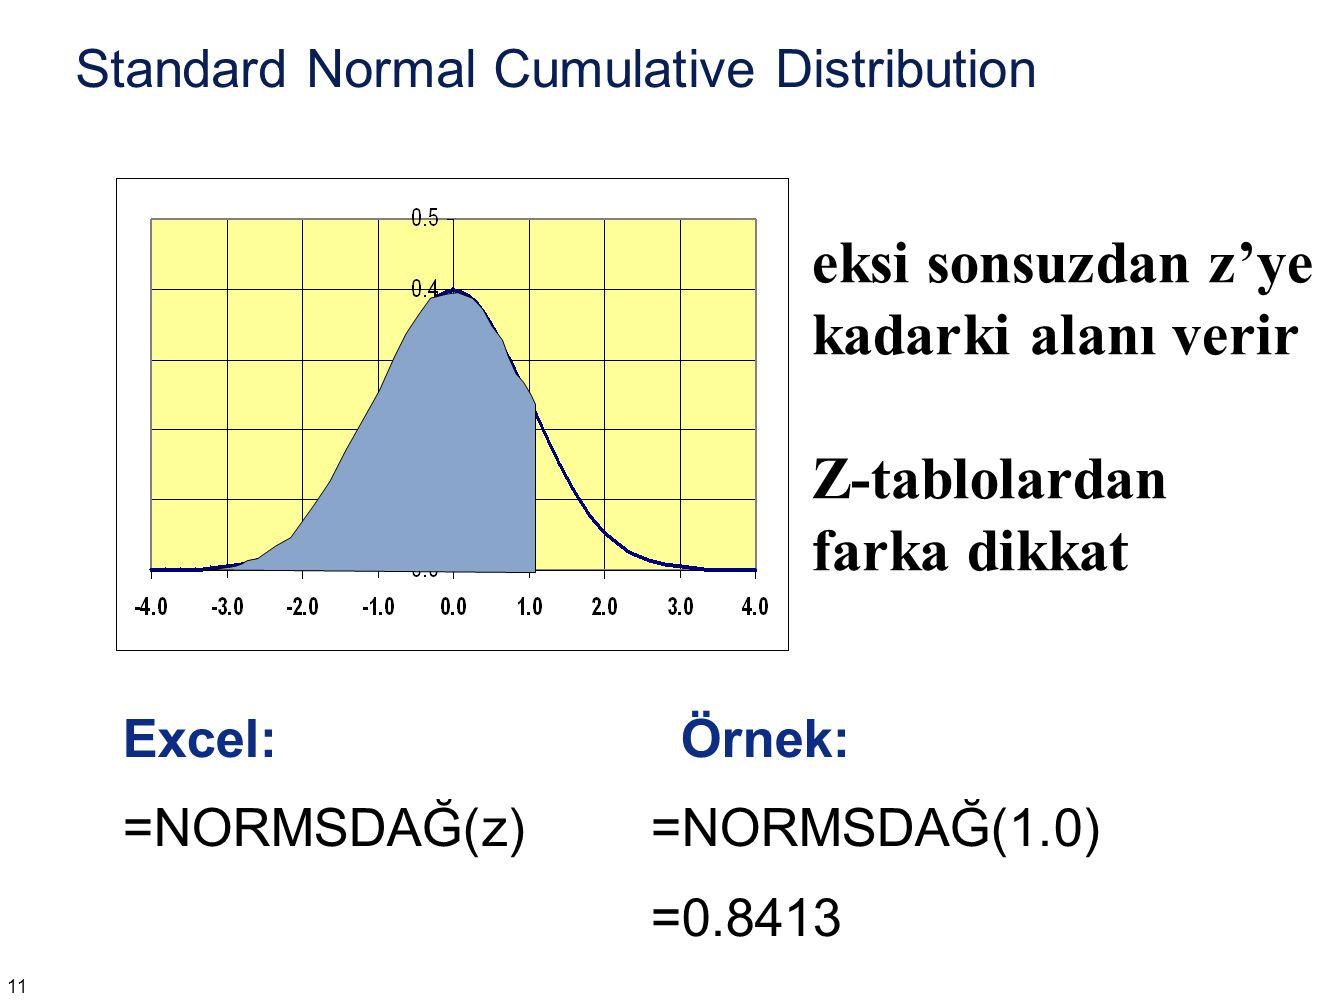 Excel: Örnek: =NORMSDAĞ(z) =NORMSDAĞ(1.0) =0.8413 eksi sonsuzdan z'ye kadarki alanı verir Z-tablolardan farka dikkat Standard Normal Cumulative Distri